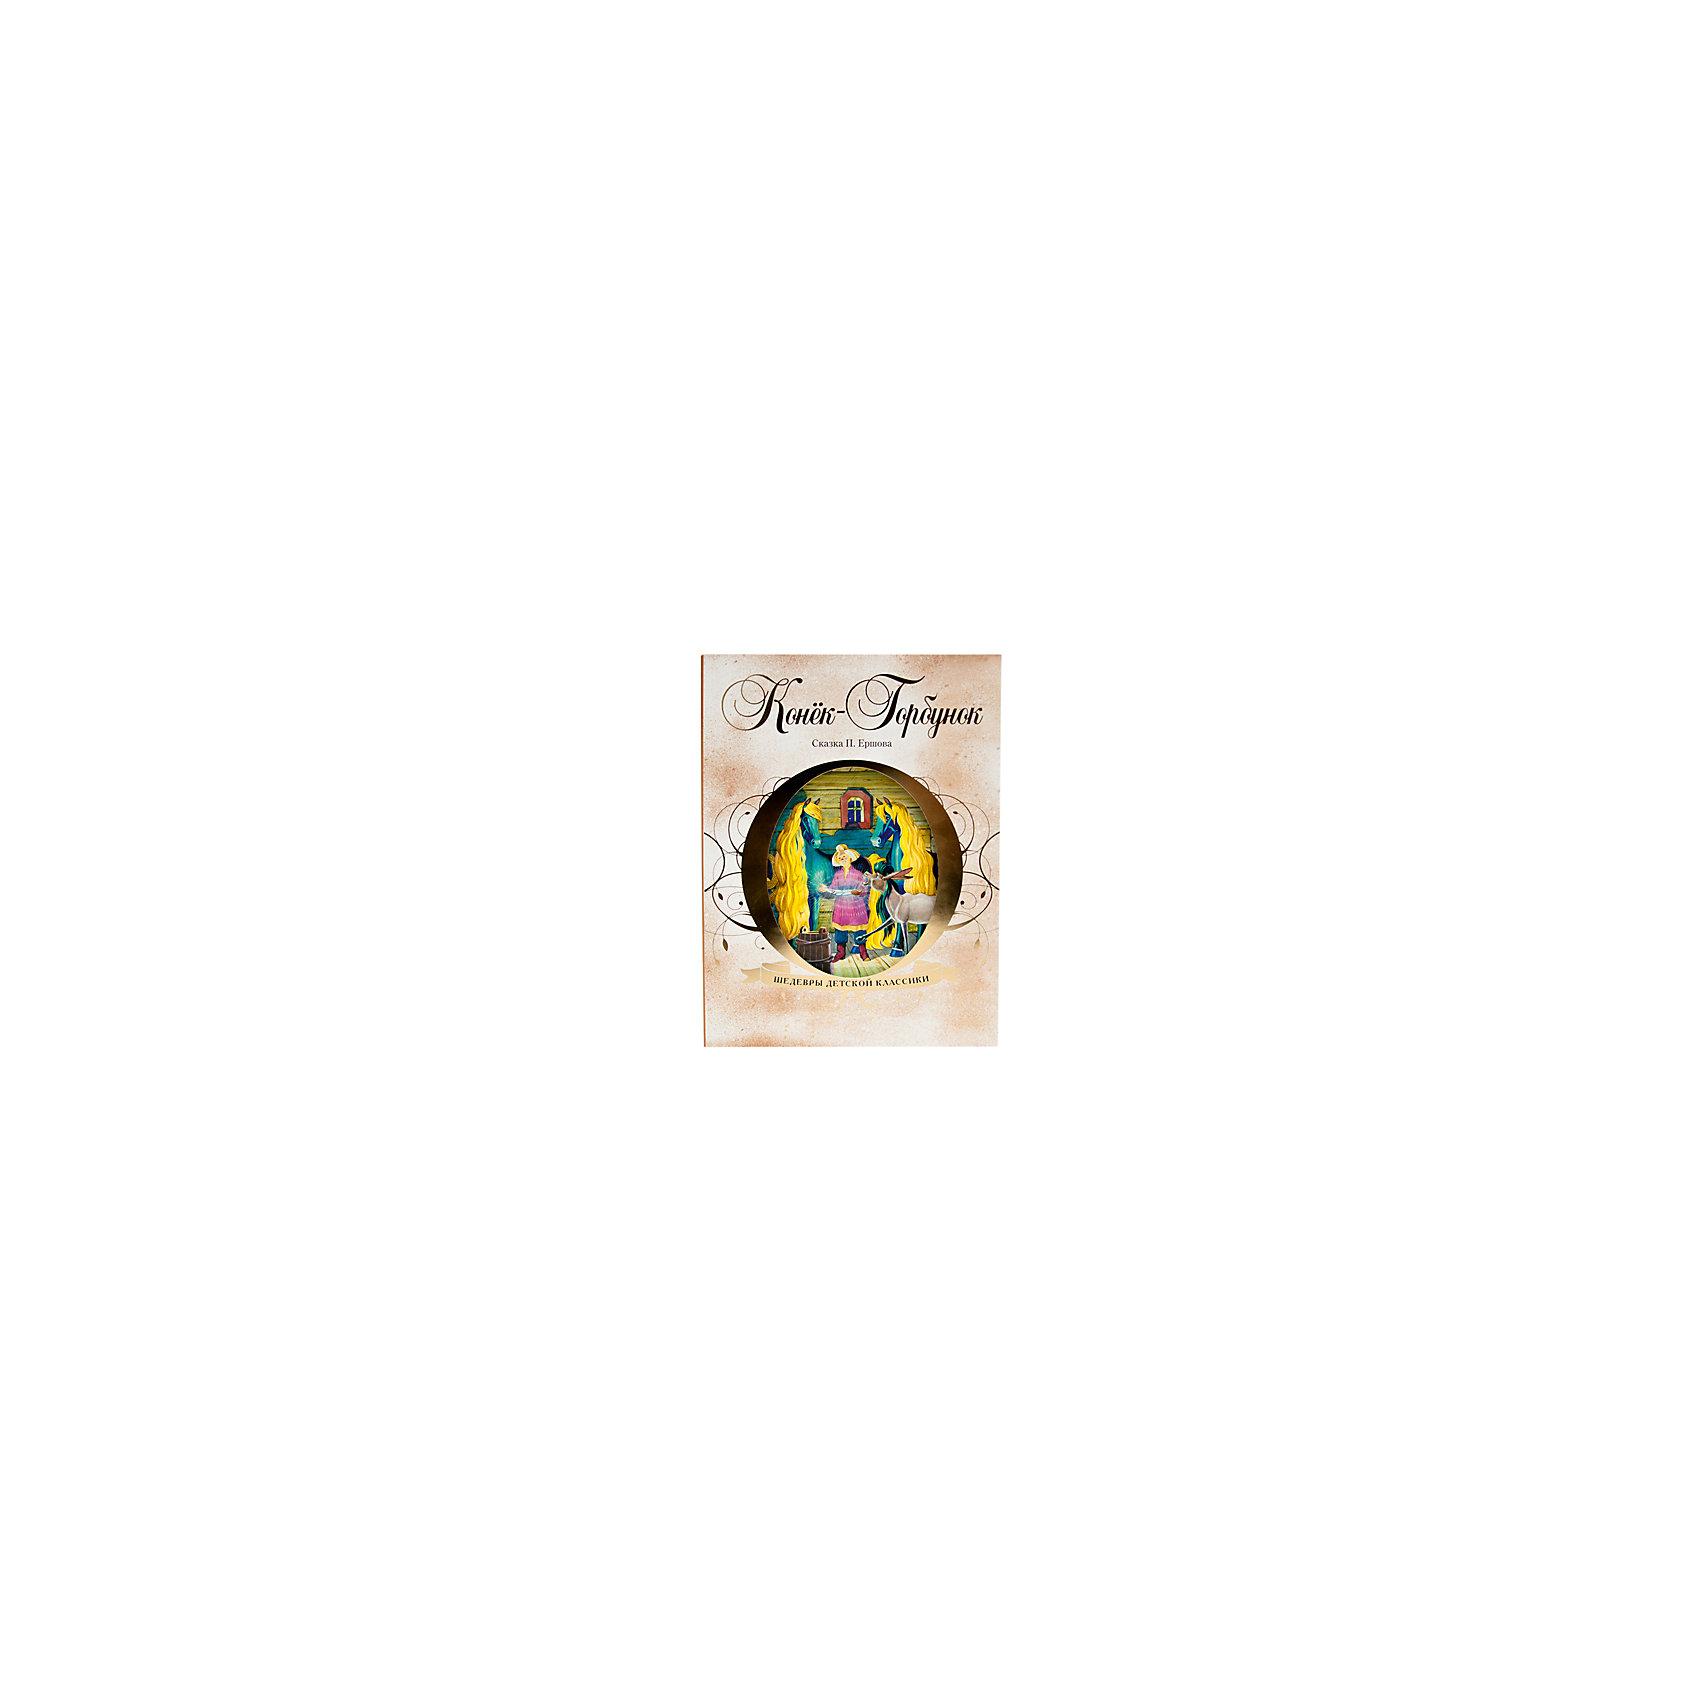 Конек-Горбунок, П. ЕршоваРусские сказки<br>Книжка Конек-Горбунок.<br><br>Характеристики:<br><br>• Для детей в возрасте: от 5 до 7 лет<br>• Автор: П. Ершов<br>• Художник: С. Набутовский<br>• Издательство: Мозаика-Синтез<br>• Серия: Шедевры детской классики<br>• Тип обложки: мягкий переплет, крепление скрепкой или клеем.<br>• Оформление: тиснение золотом.<br>• Иллюстрации: цветные<br>• Количество страниц: 120<br>• Размер: 290х217х11 мм.<br>• Вес: 634 гр.<br>• ISBN: 9785431508608<br><br>Книга «Конек-Горбунок» серии «Шедевры детской классики» познакомит маленьких читателей со сказкой П. Ершова «Конек-Горбунок», которая вот уже почти 200 лет любима детьми и их родителями и входит в золотой фонд детской литературы. Книга на плотной мелованной бумаге в мягкой обложке с золотым тиснением займет достойное место в вашей домашней библиотеке.<br><br>Книжку Конек-Горбунок можно купить в нашем интернет-магазине.<br><br>Ширина мм: 110<br>Глубина мм: 217<br>Высота мм: 290<br>Вес г: 634<br>Возраст от месяцев: 60<br>Возраст до месяцев: 84<br>Пол: Унисекс<br>Возраст: Детский<br>SKU: 5523249